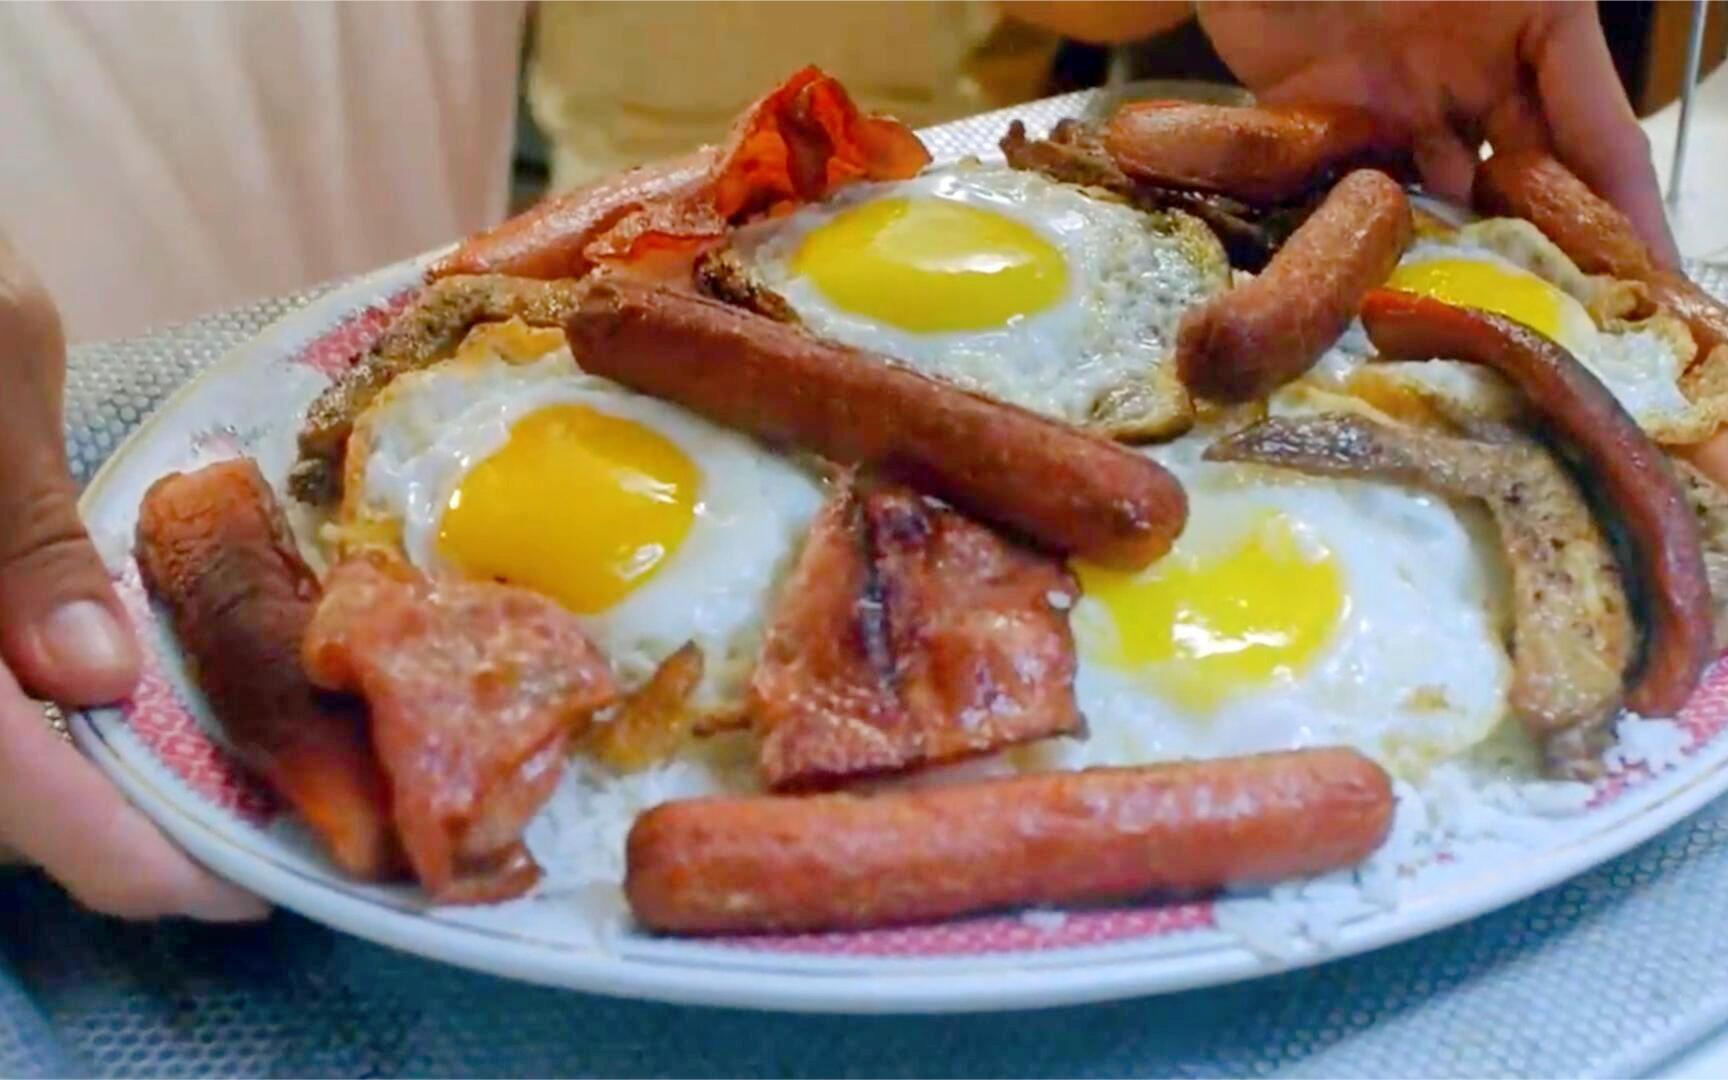 【盘点】港片碟头饭:吴耀汉吃超大份火腿鸡蛋饭,邹兆龙吃碟头饭配奶茶